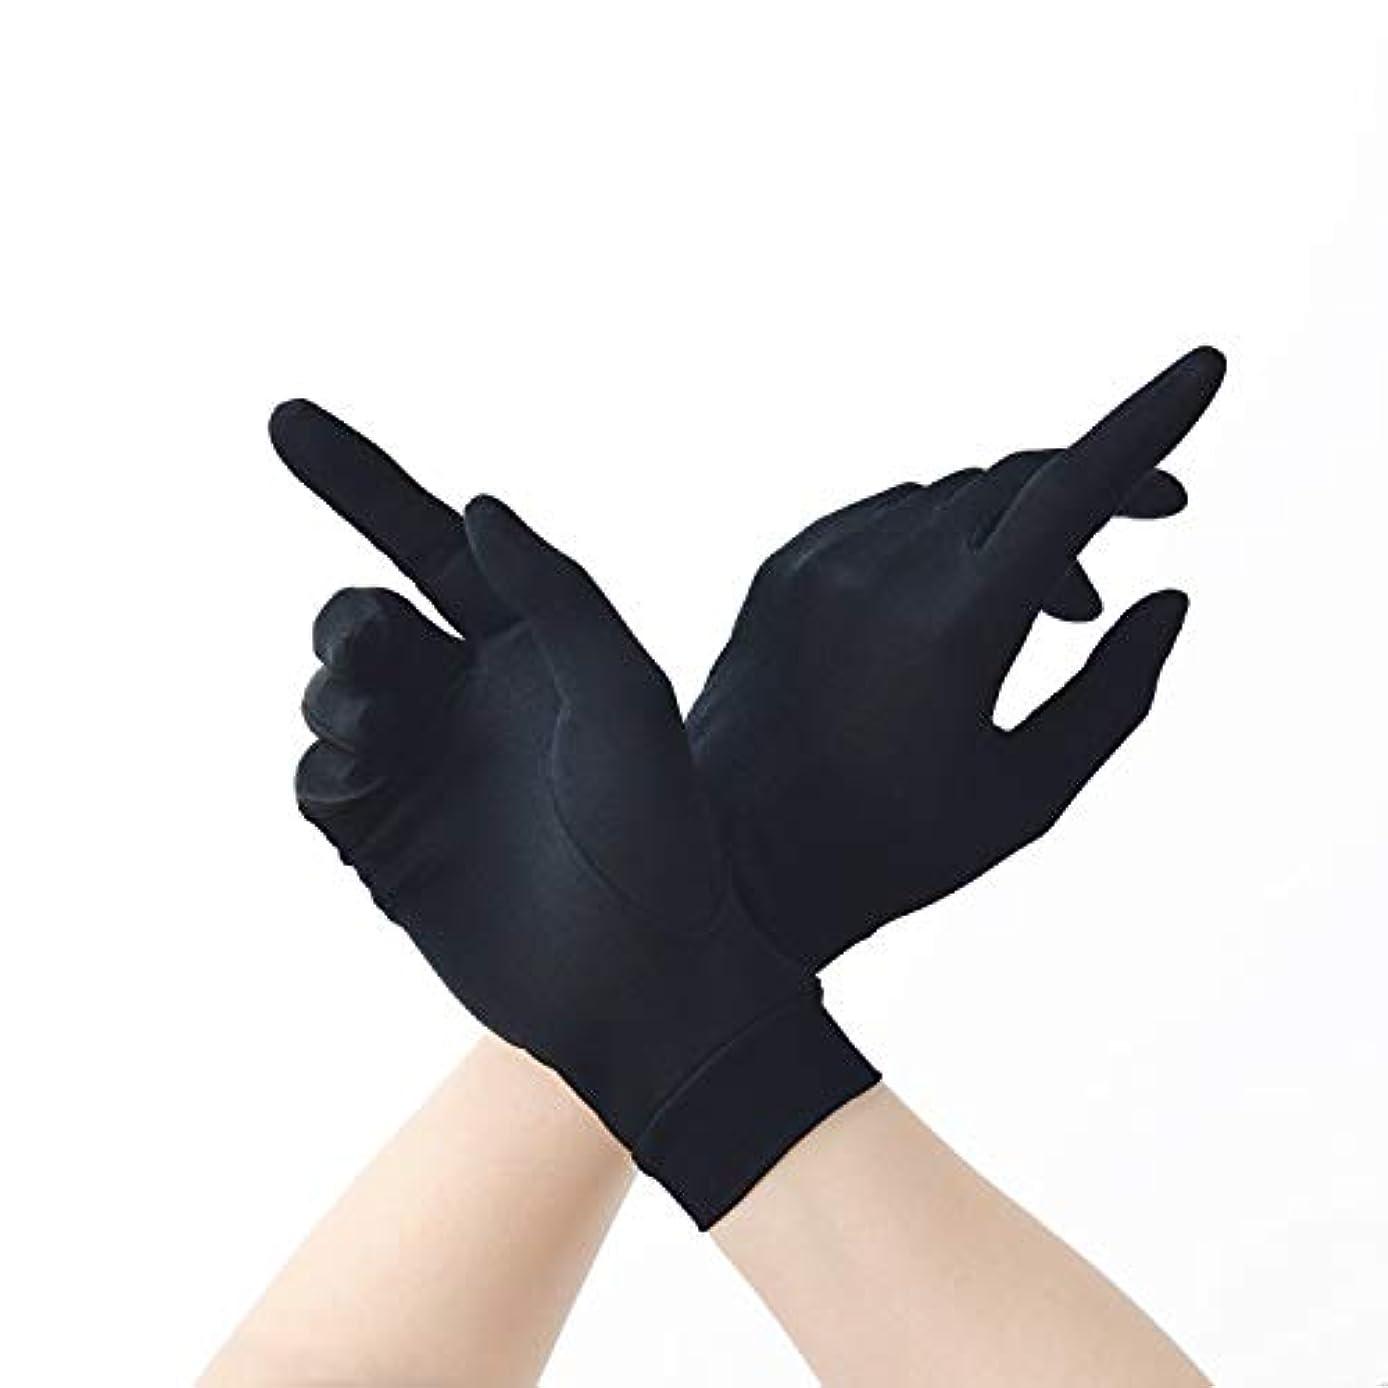 サーマル違うスイング保湿 夏 ハンド 手袋 シルク 紫外線 日焼け防止 手荒い おやすみ 手触りが良い ケア レディース